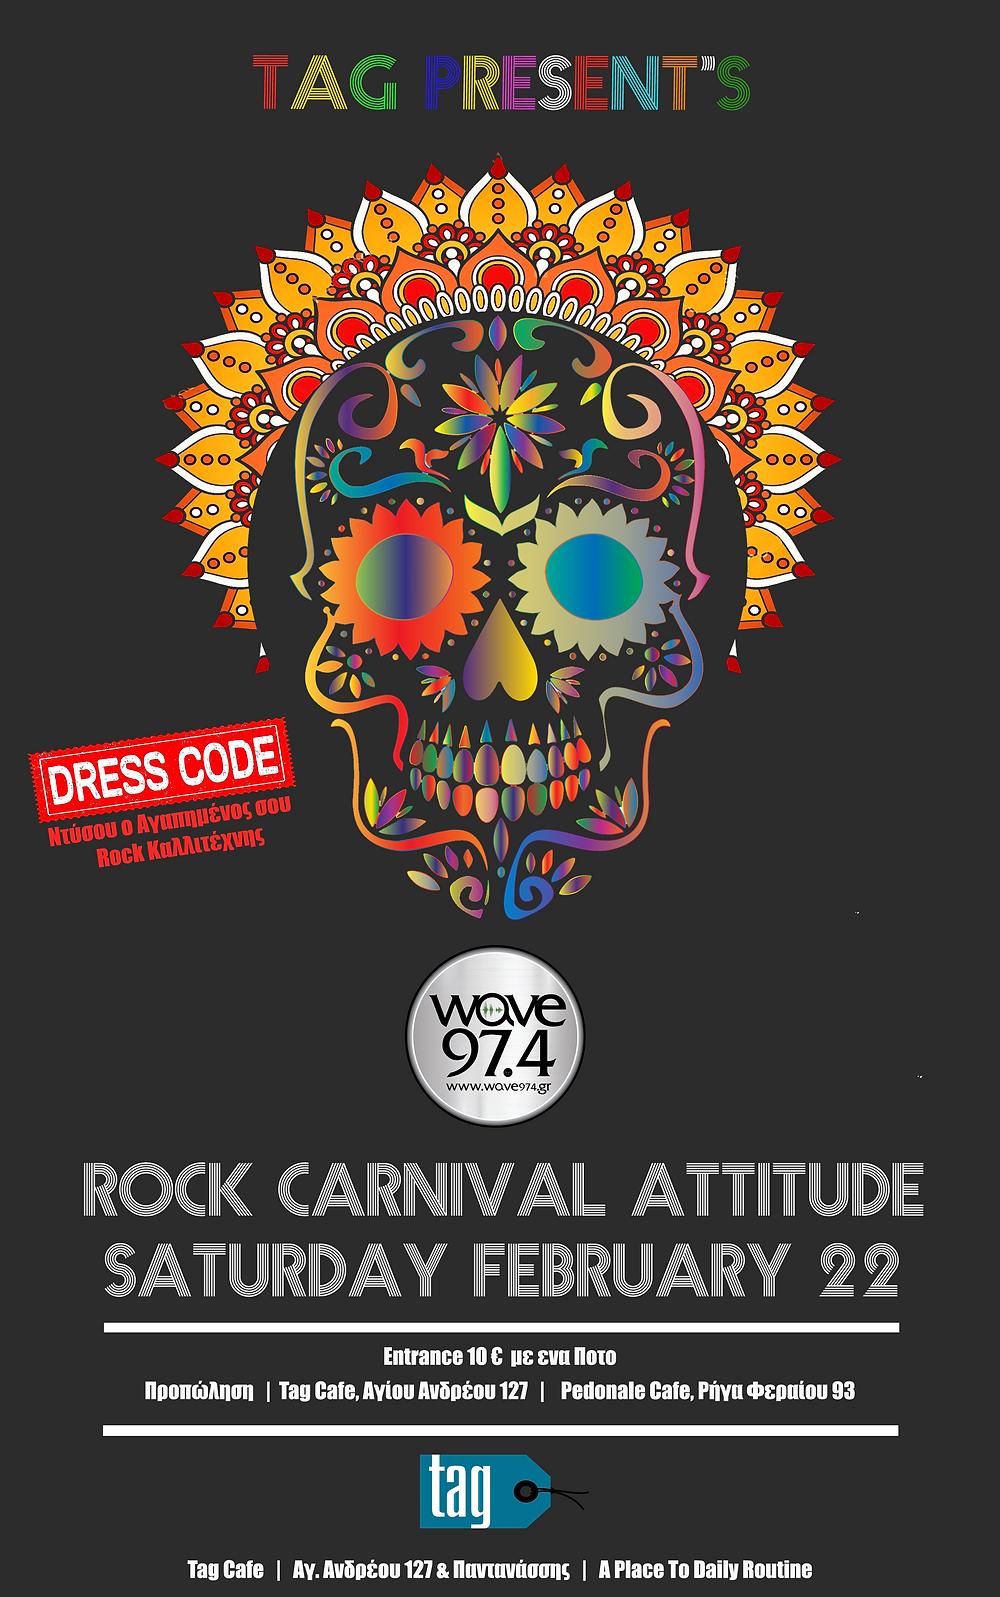 Rock Carnival Attitude wave 97.4